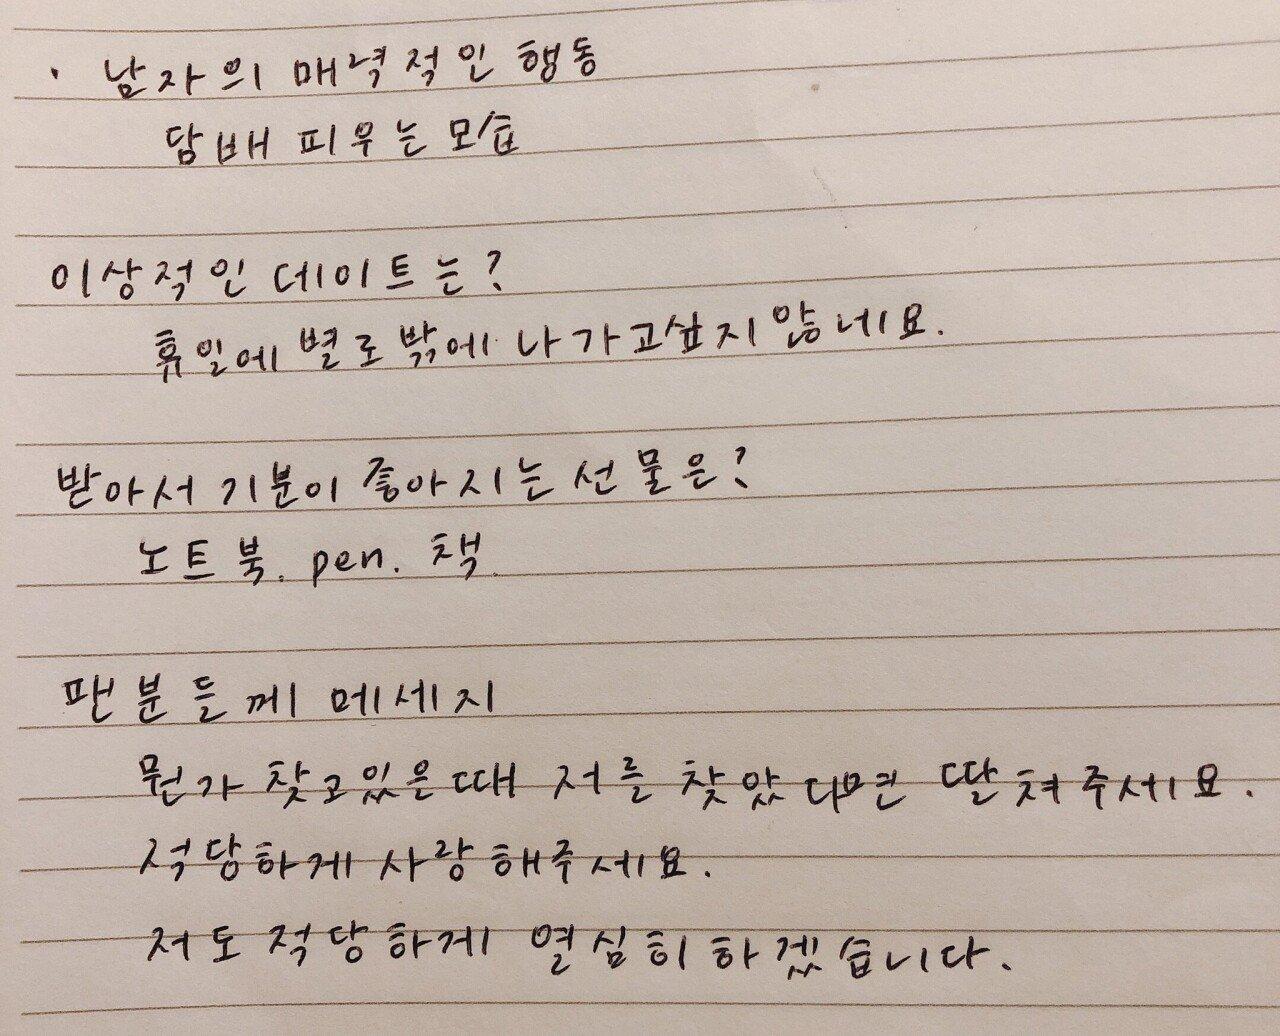 쌈디에게 한국말로 고백한 AV배우 근황 - 꾸르